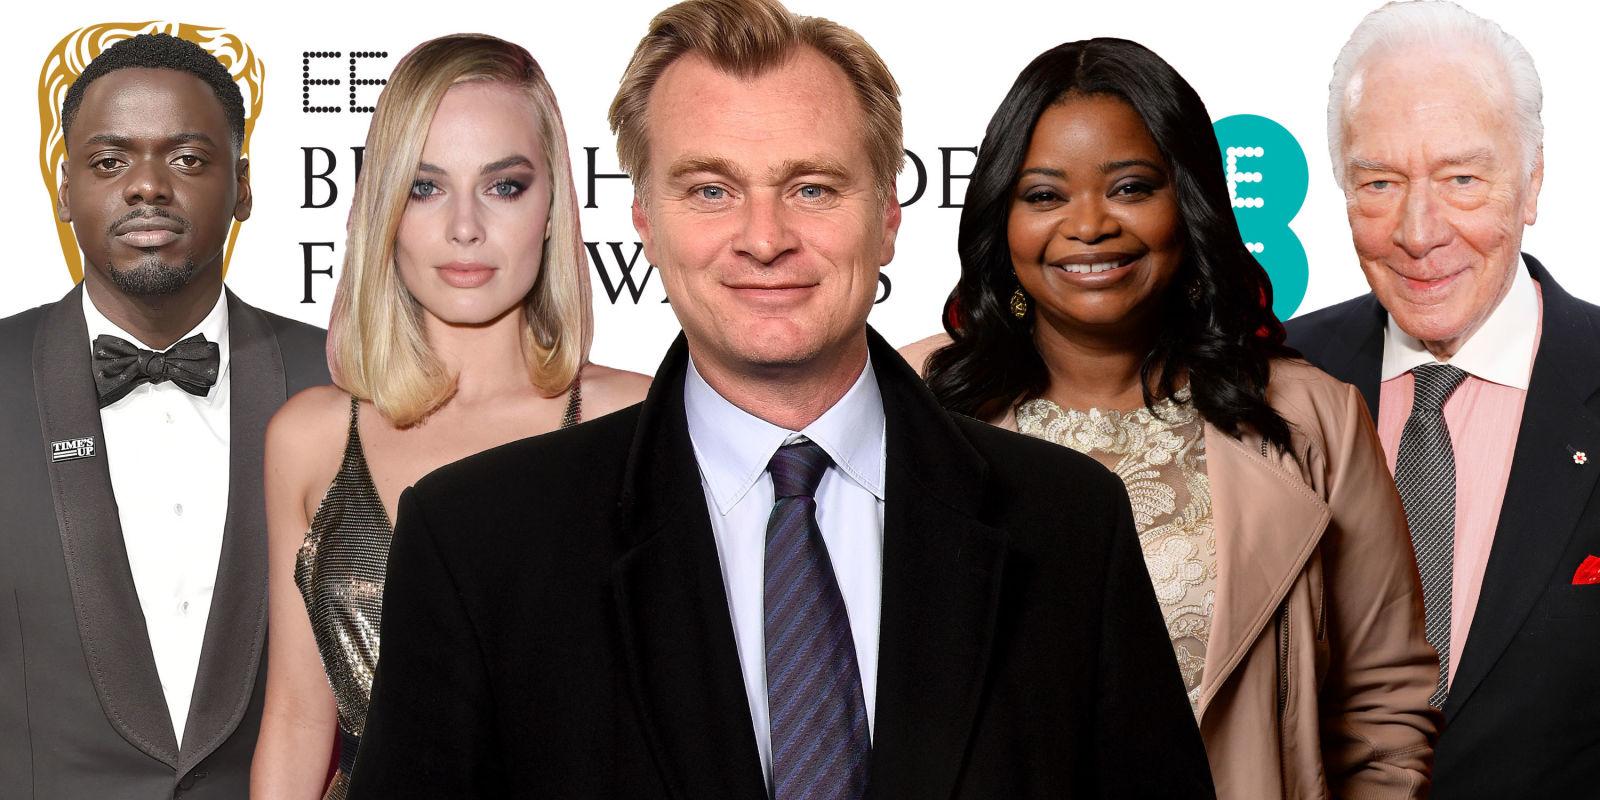 Bafta Awards: BAFTA Film Awards 2018 Winners List In Full